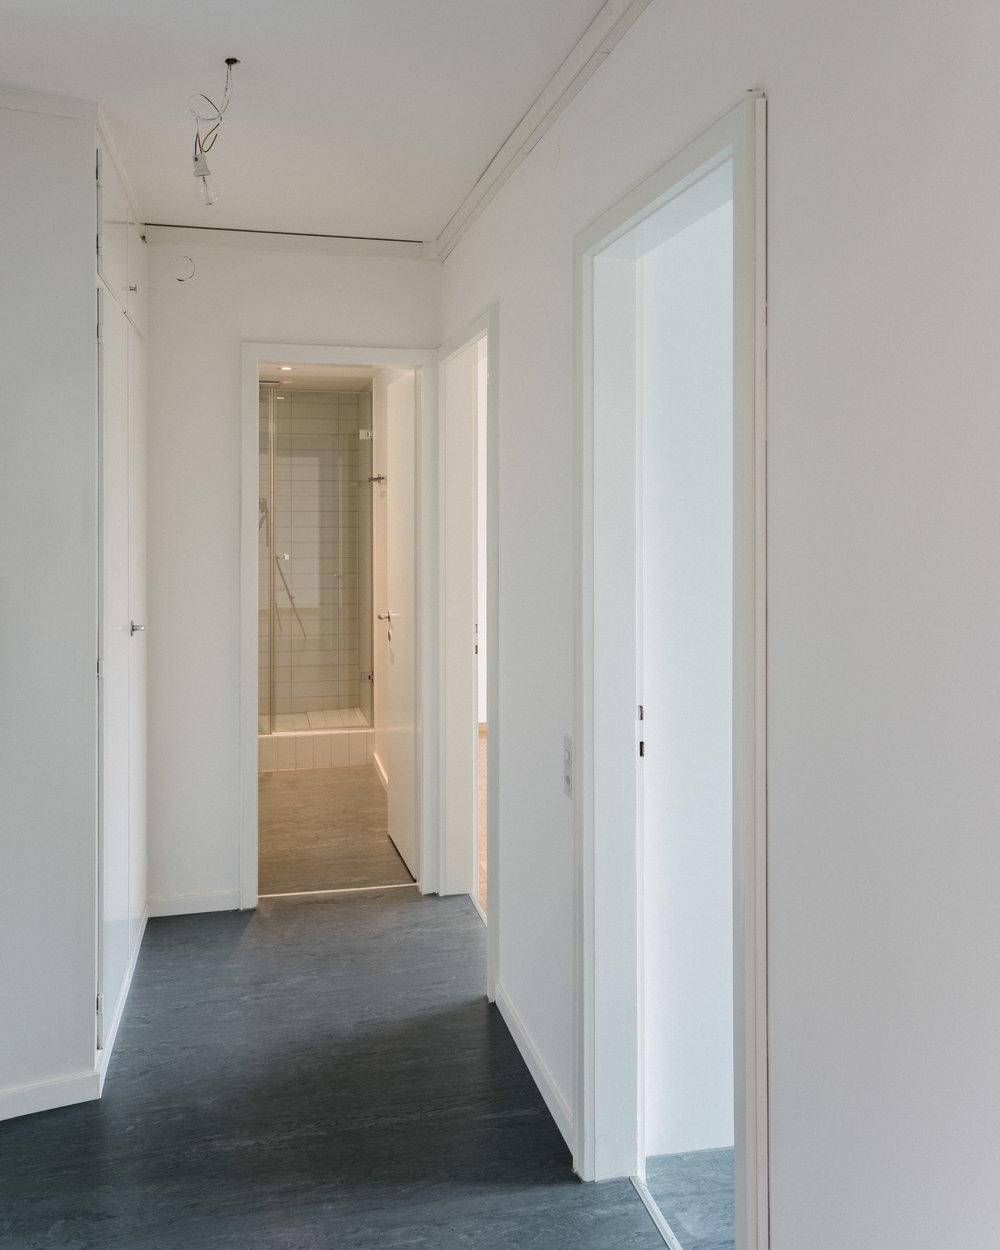 Innensanierung Basel Vorplatz, Consilium Architektur und Baumanagement